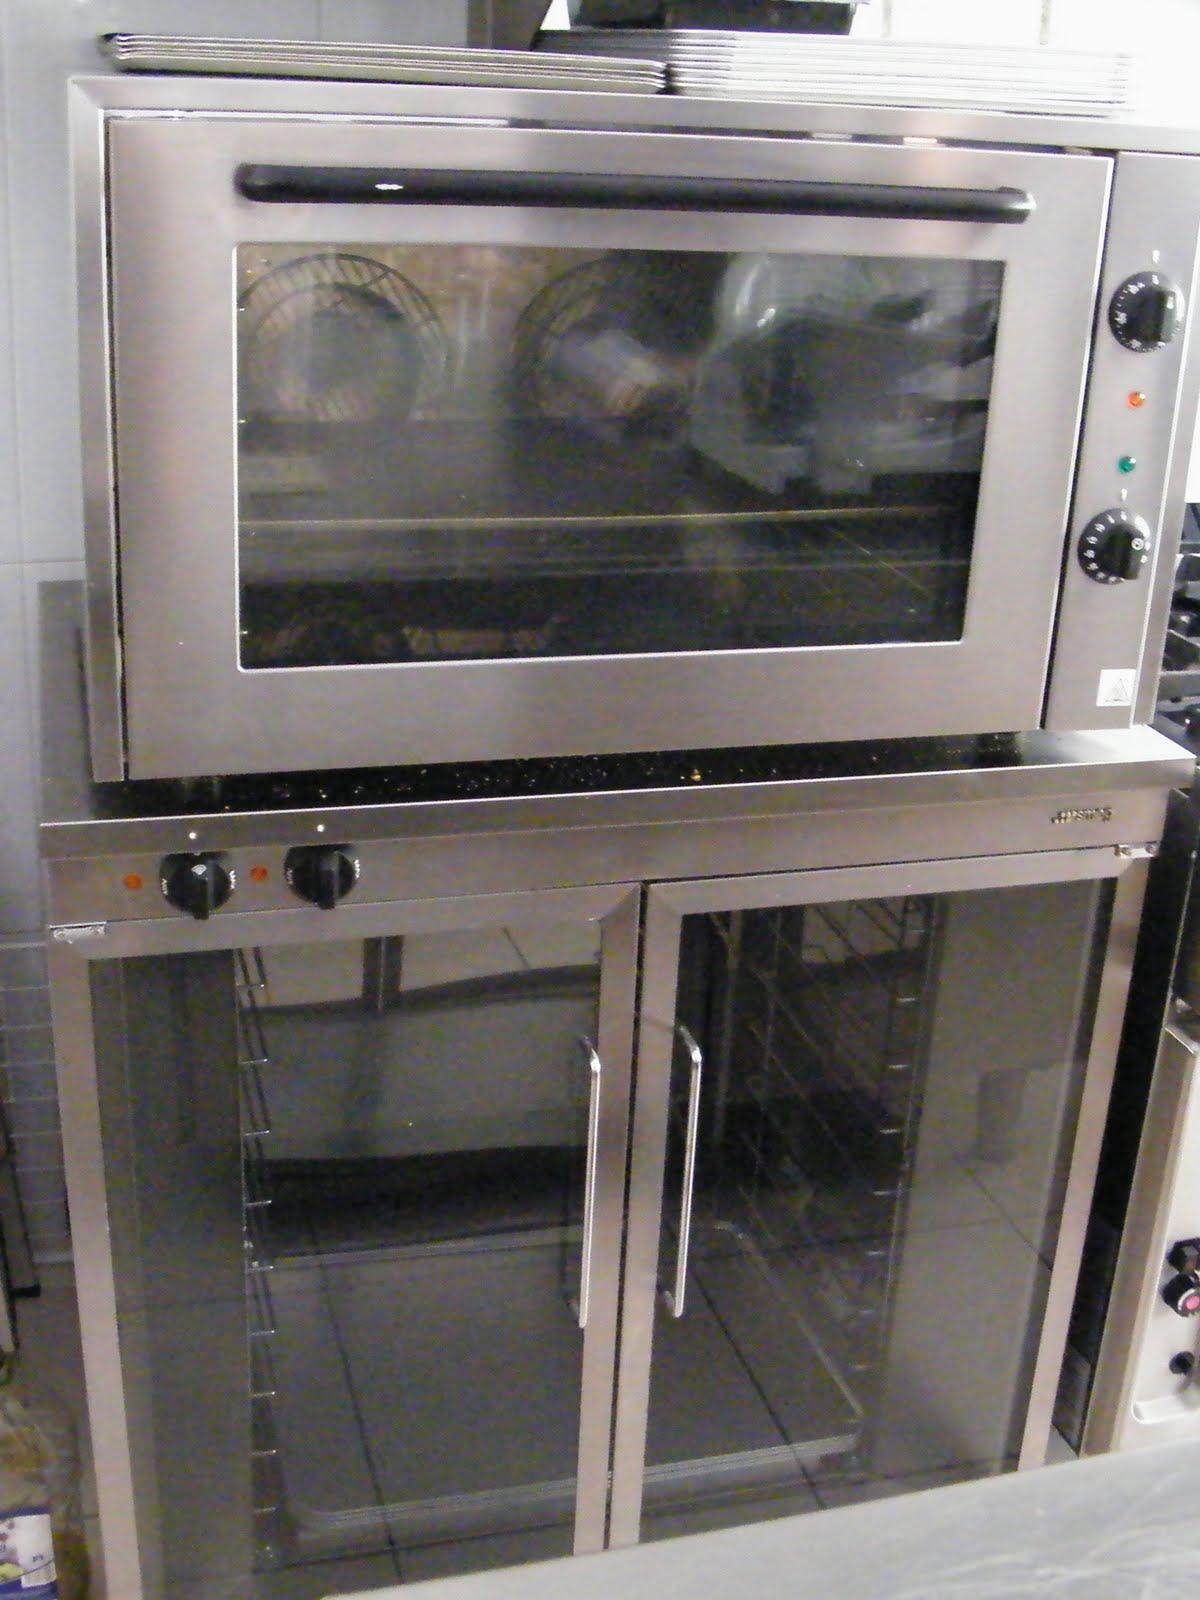 Venta material hosteleria segunda mano horno convecci n for Precios de hornos electricos pequenos